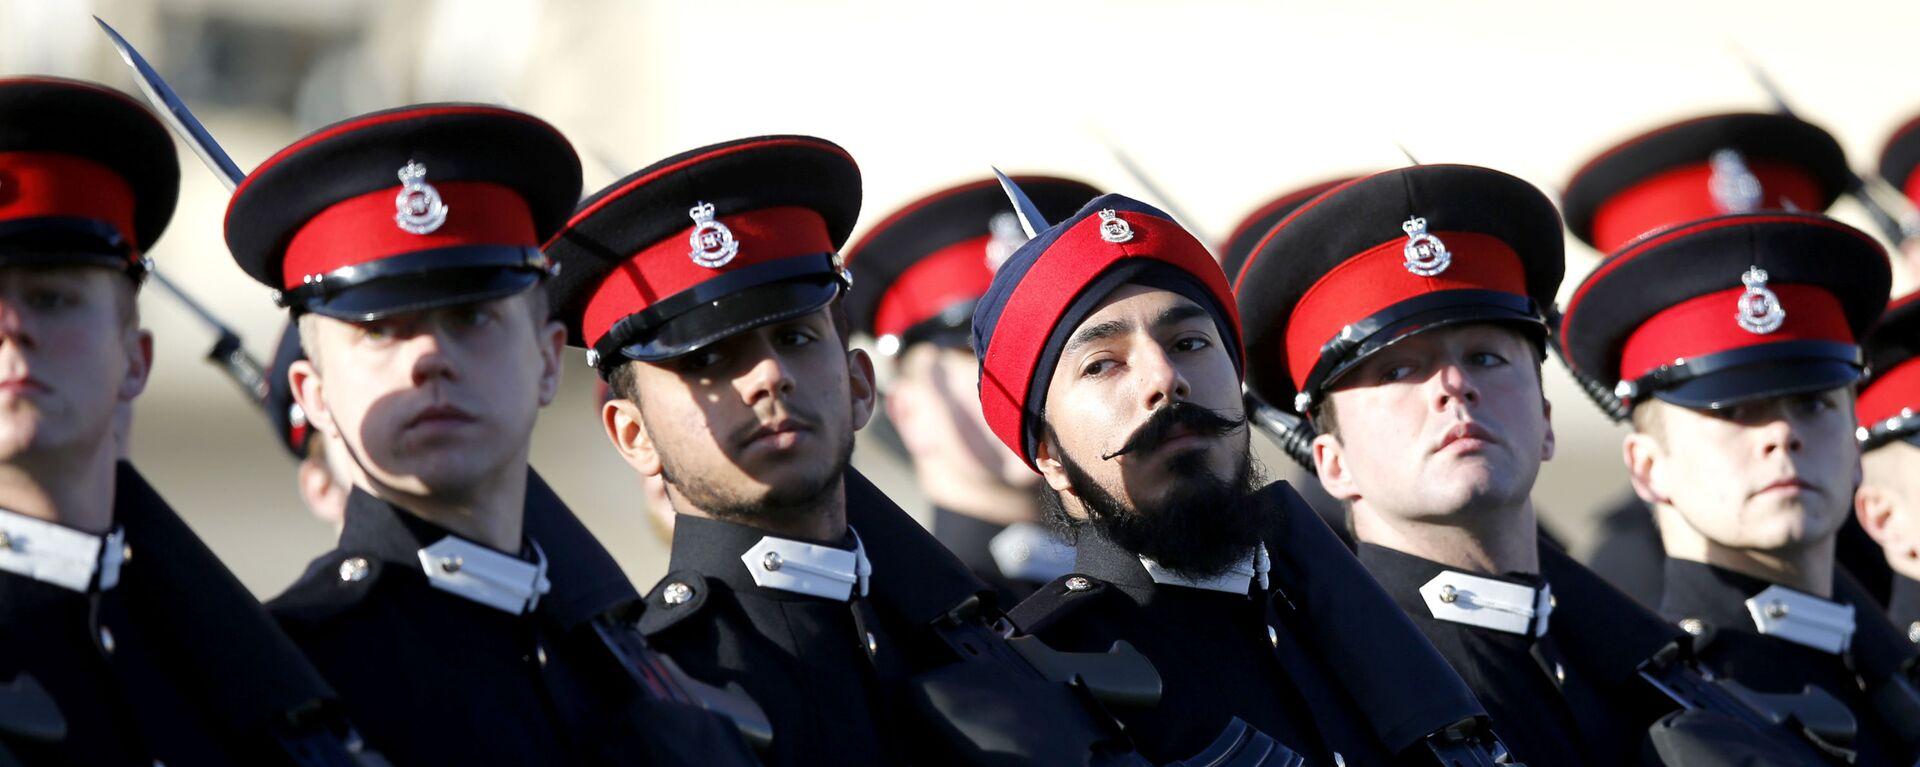 Przyszli oficerowie brytyjskiej armii na paradzie Królewskiej Akademii Wojskowej w Sandhurst w Anglii - Sputnik Polska, 1920, 28.09.2021